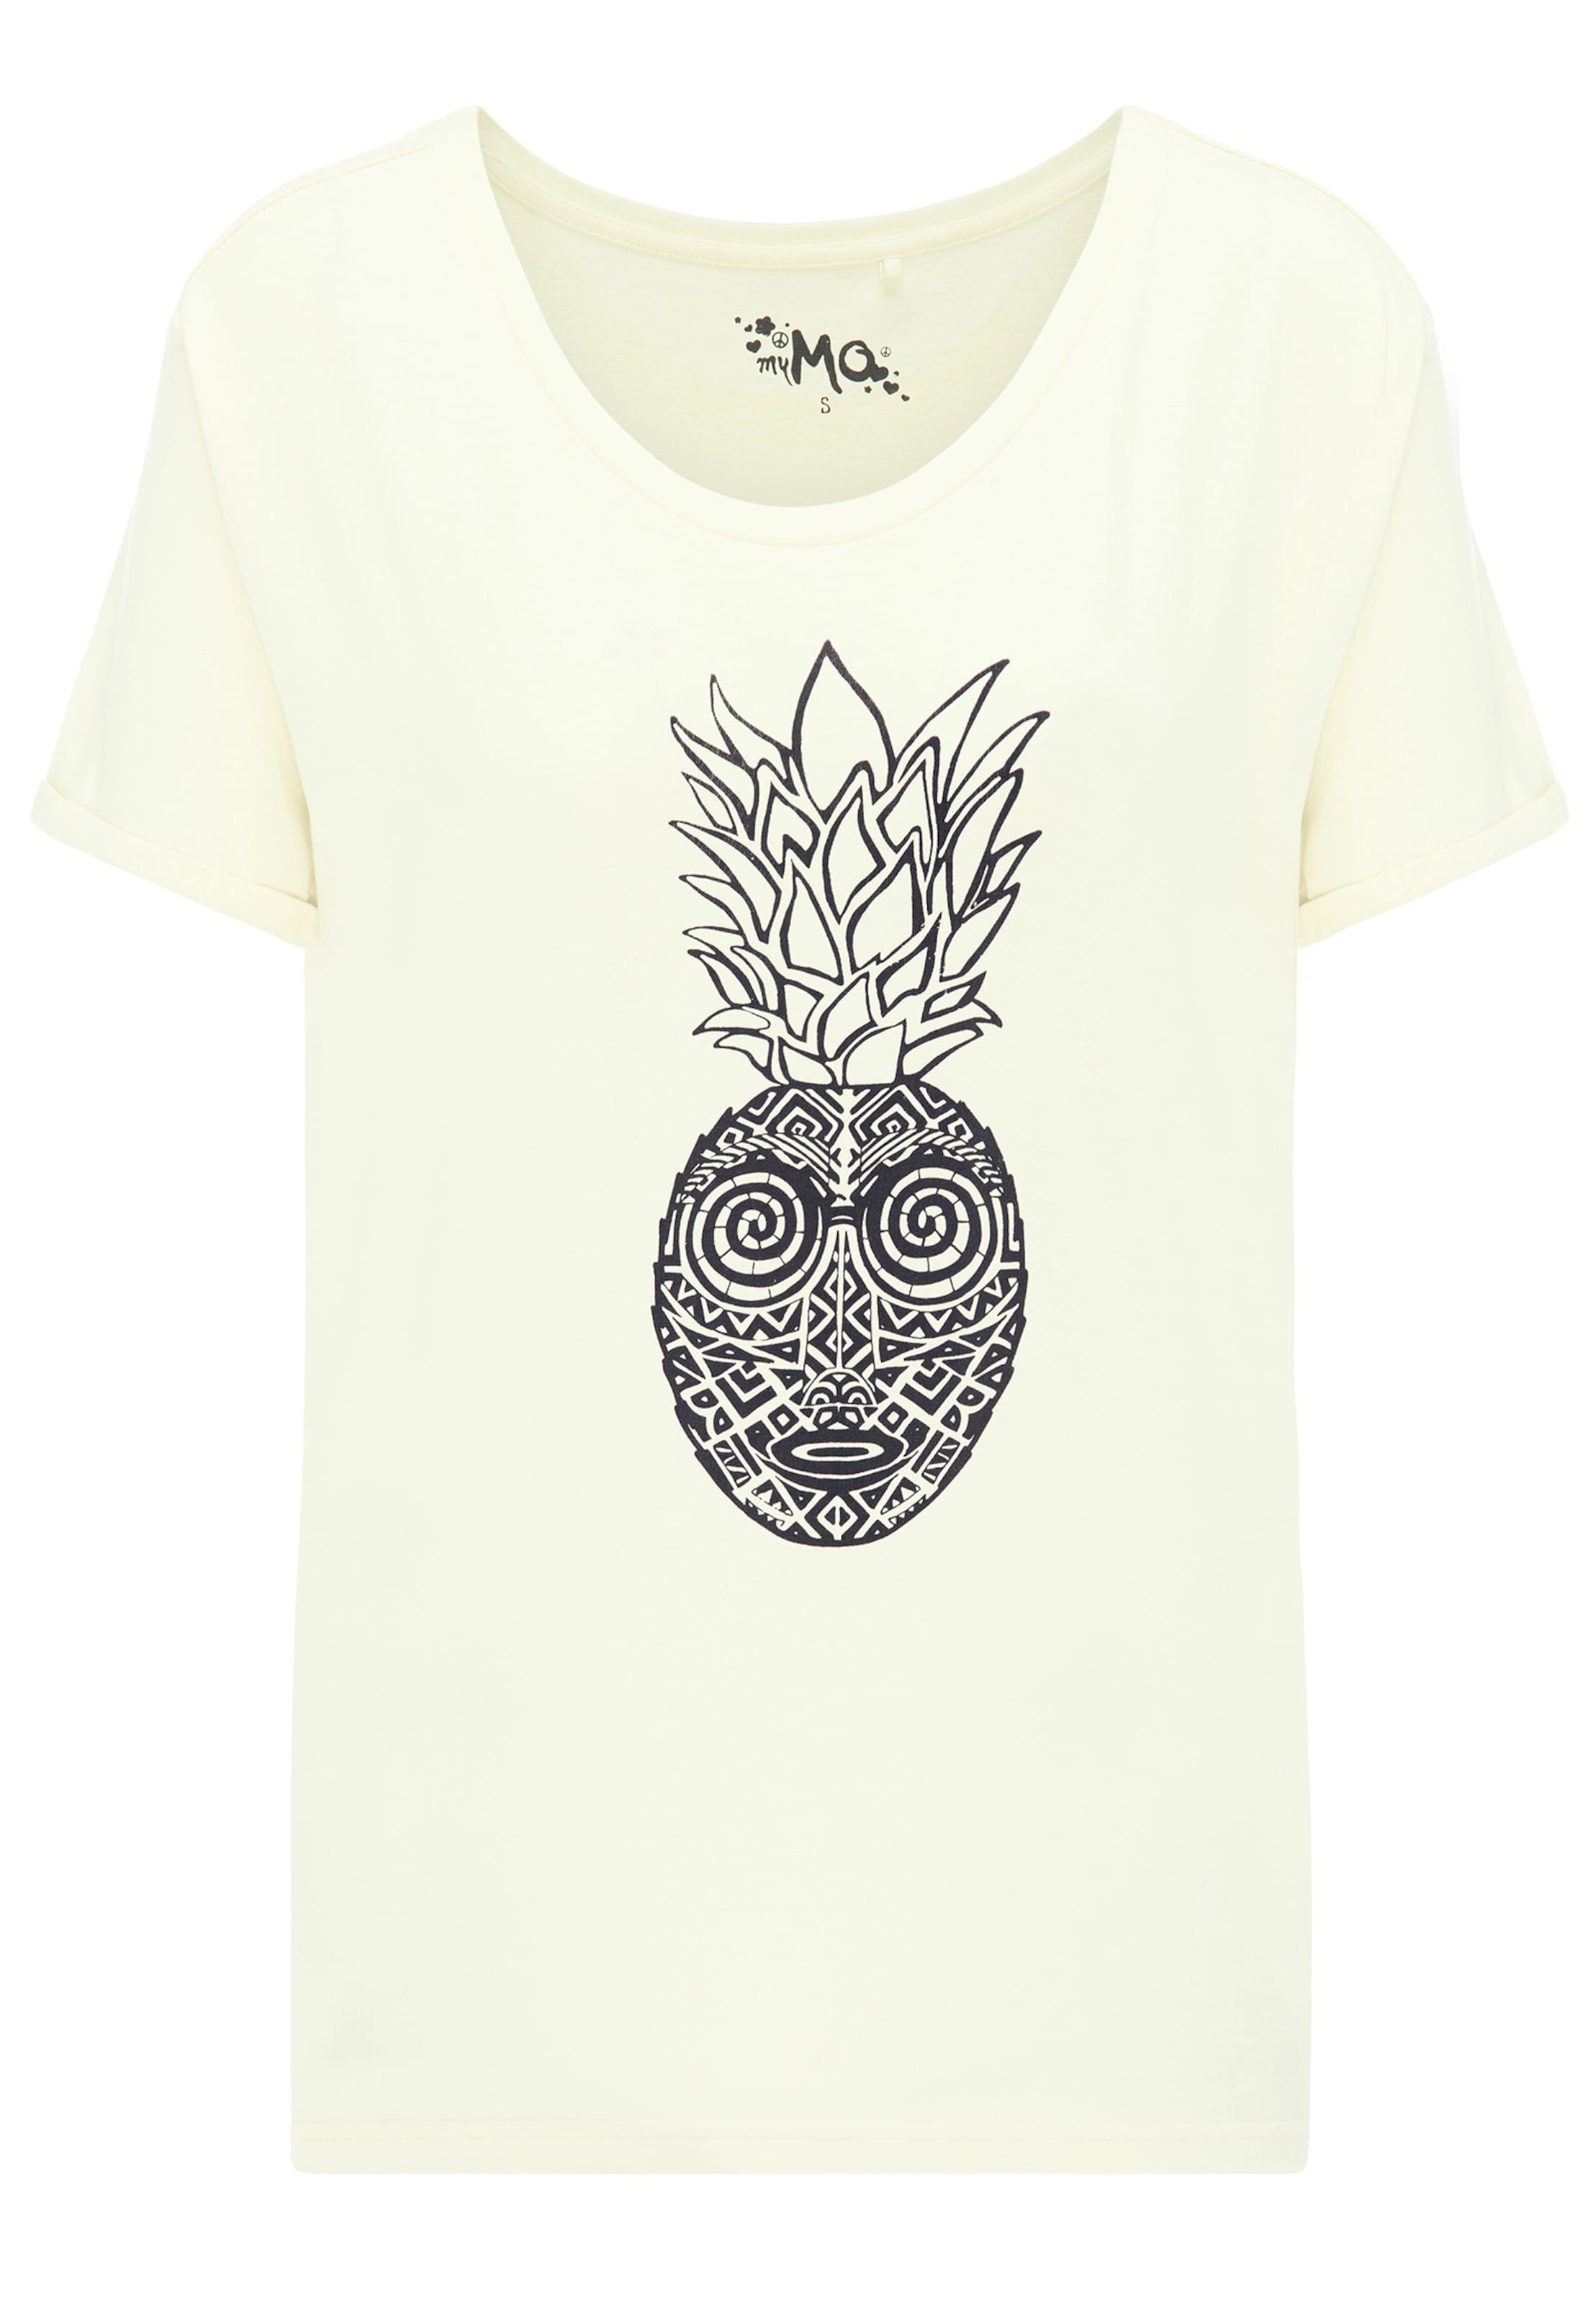 ClairNoir Mymo shirt T En Jaune Y6gbf7y